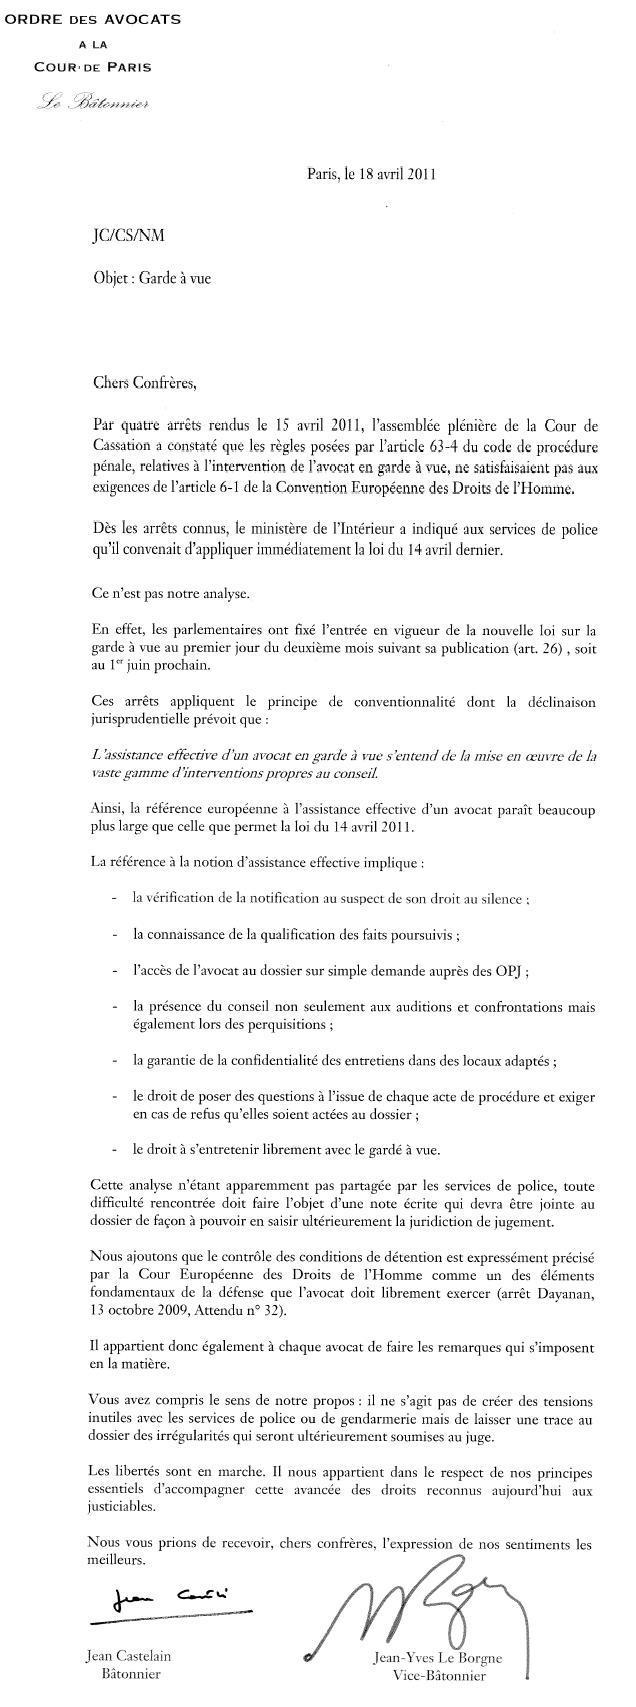 Garde à Vue : Lettre du Bâtonnier de Paris aux Avocats Parisiens